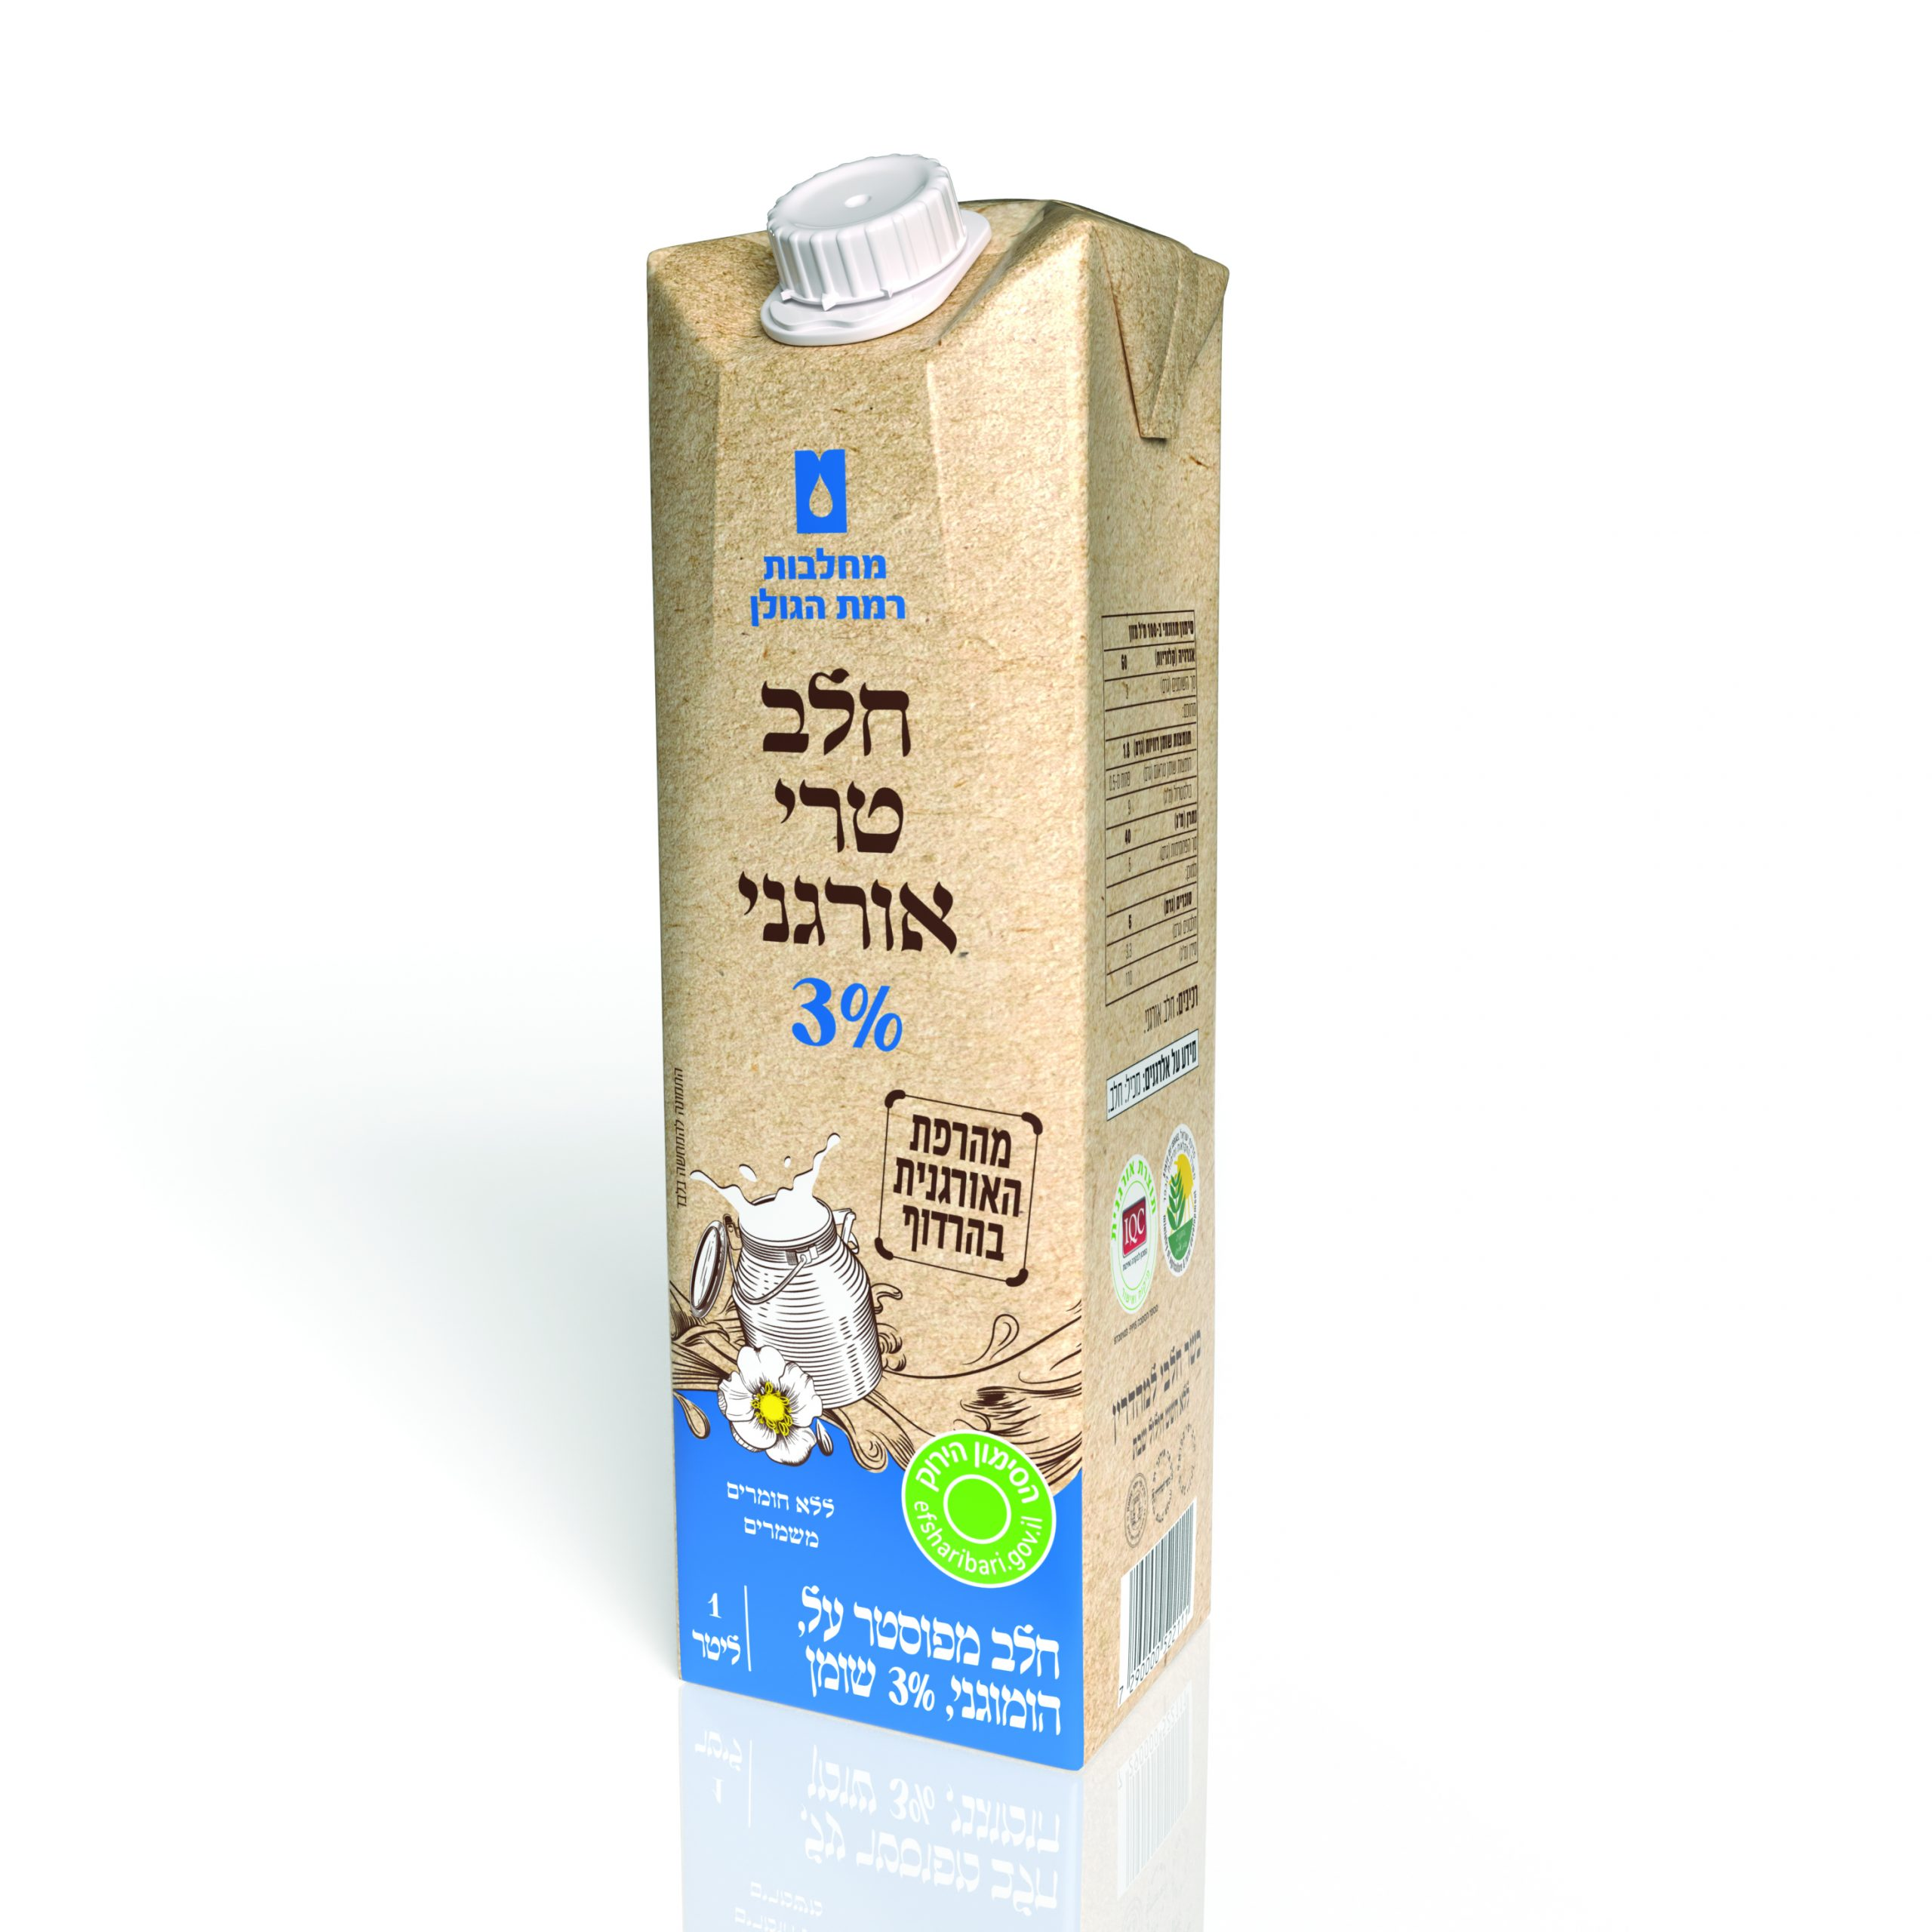 חלב טרי אורגני 3%